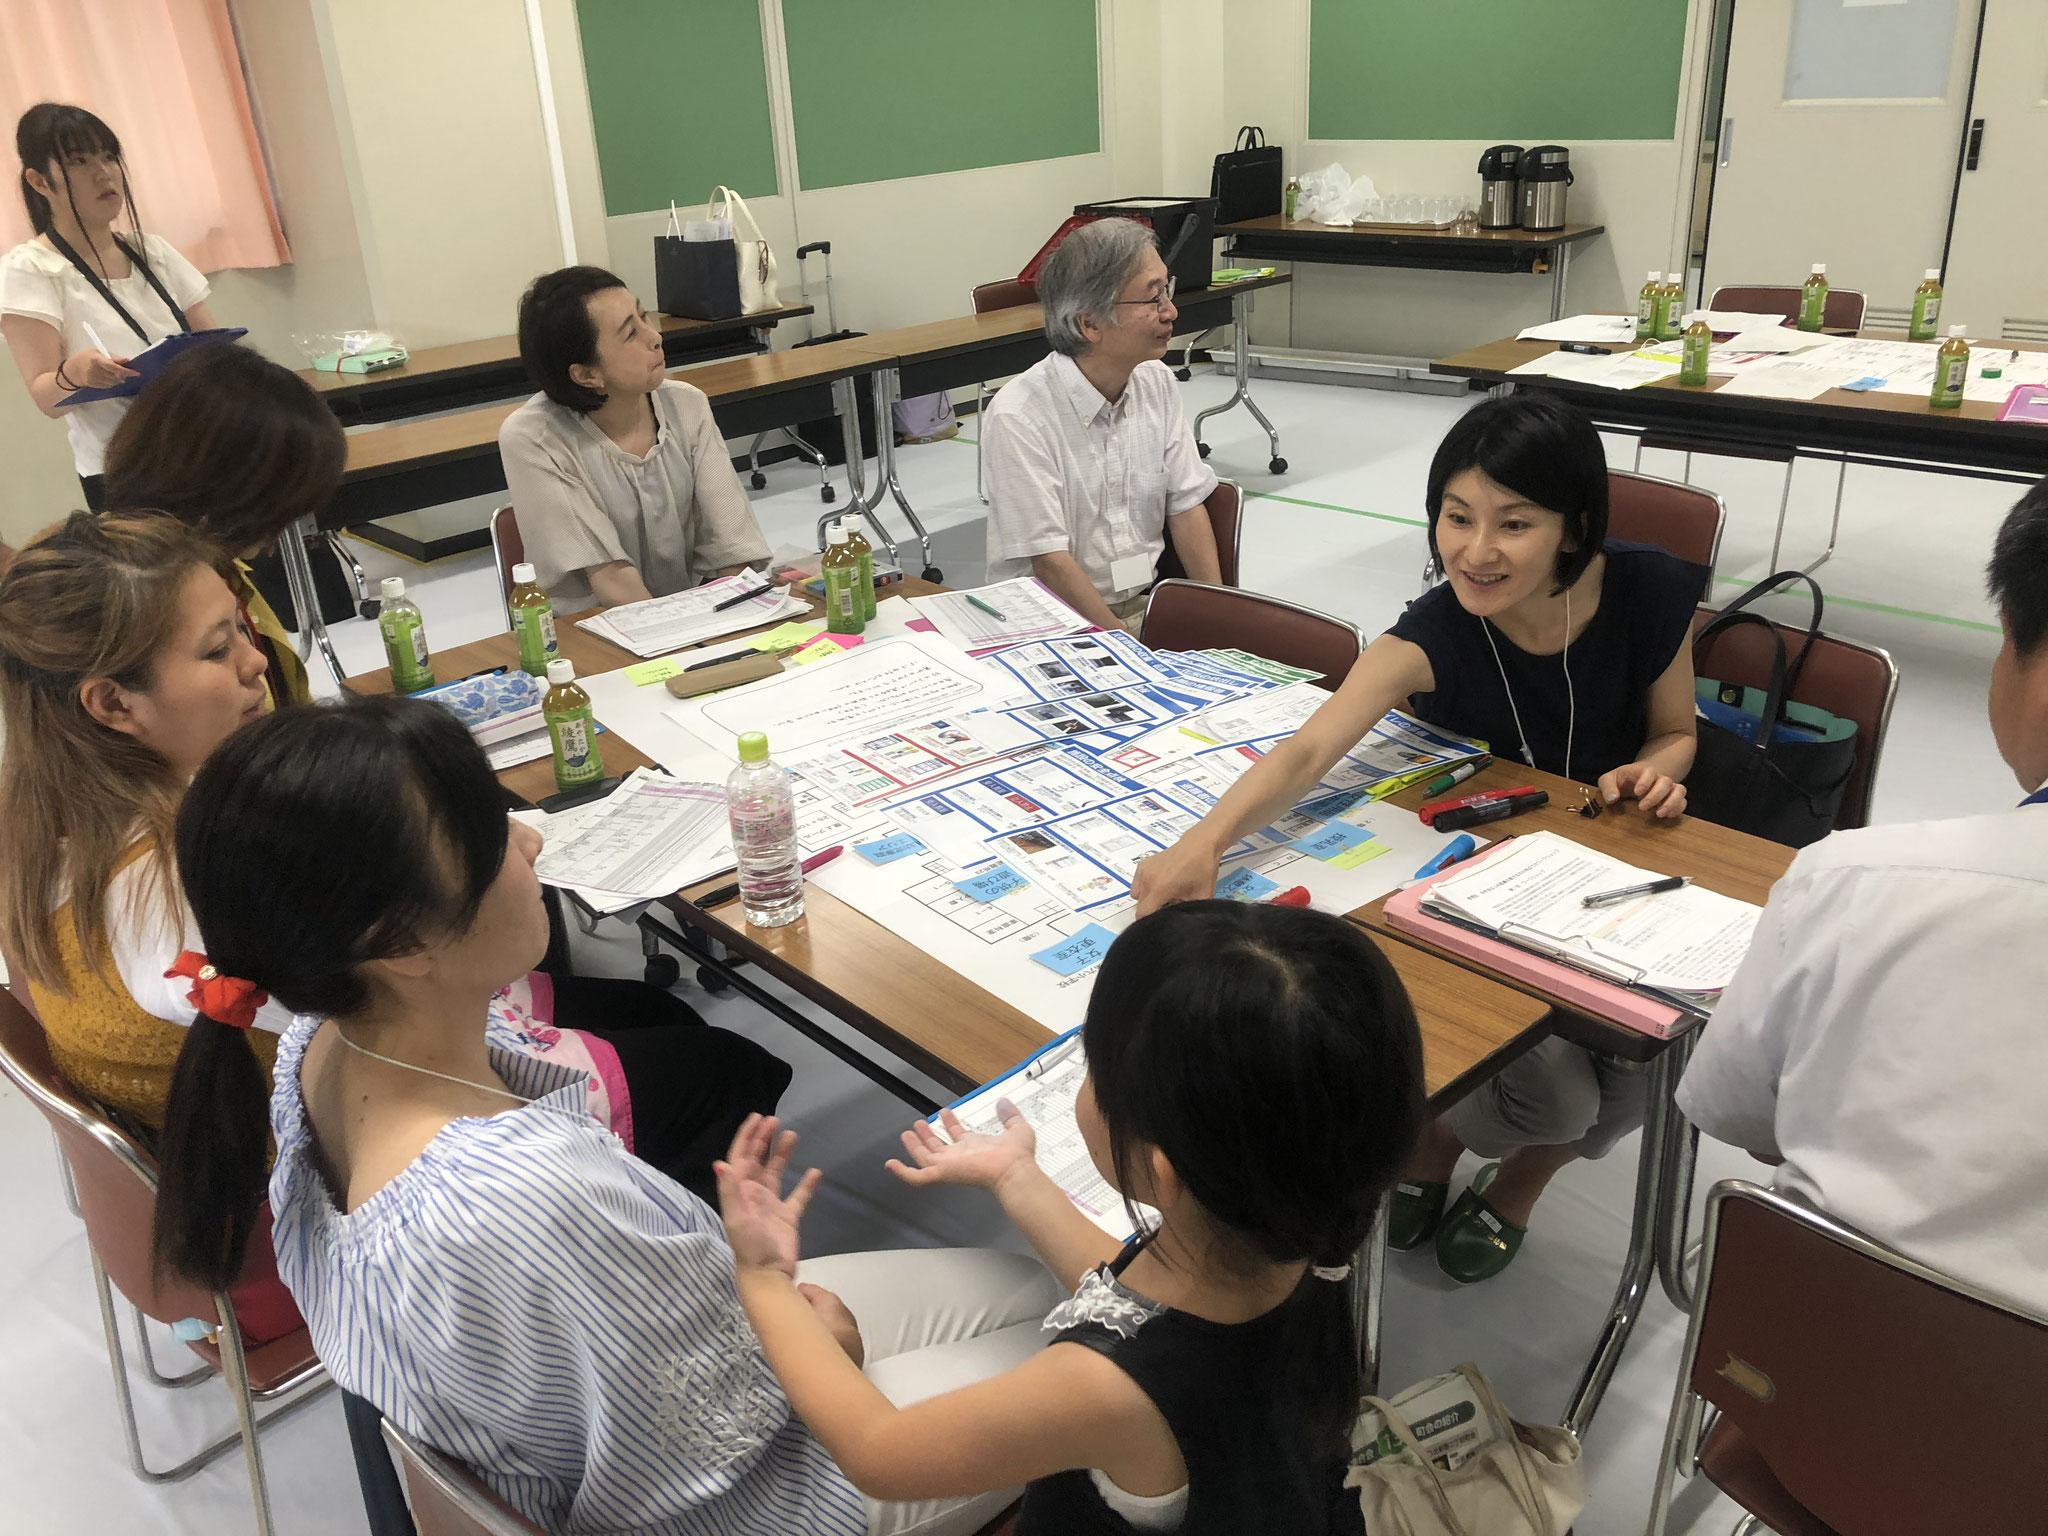 新宿区女性をはじめ配慮を要する方の視点でのワークショップ